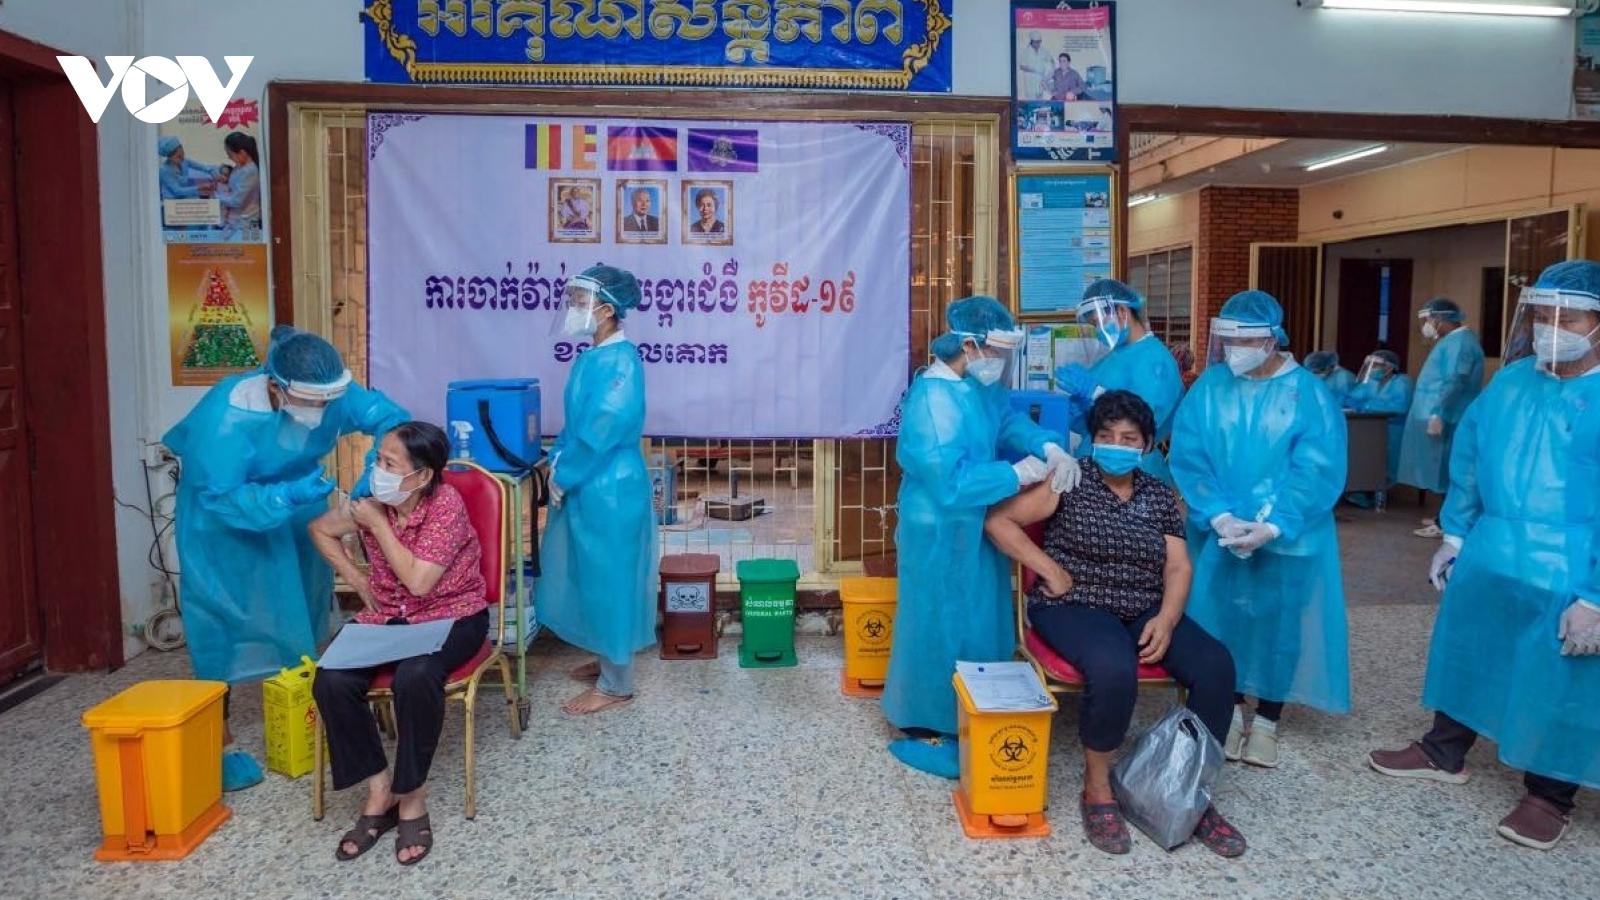 Campuchia và Indonesia đẩy mạnh tiêm chủng Covid-19, Philippines tái kiểm dịch cộng đồng